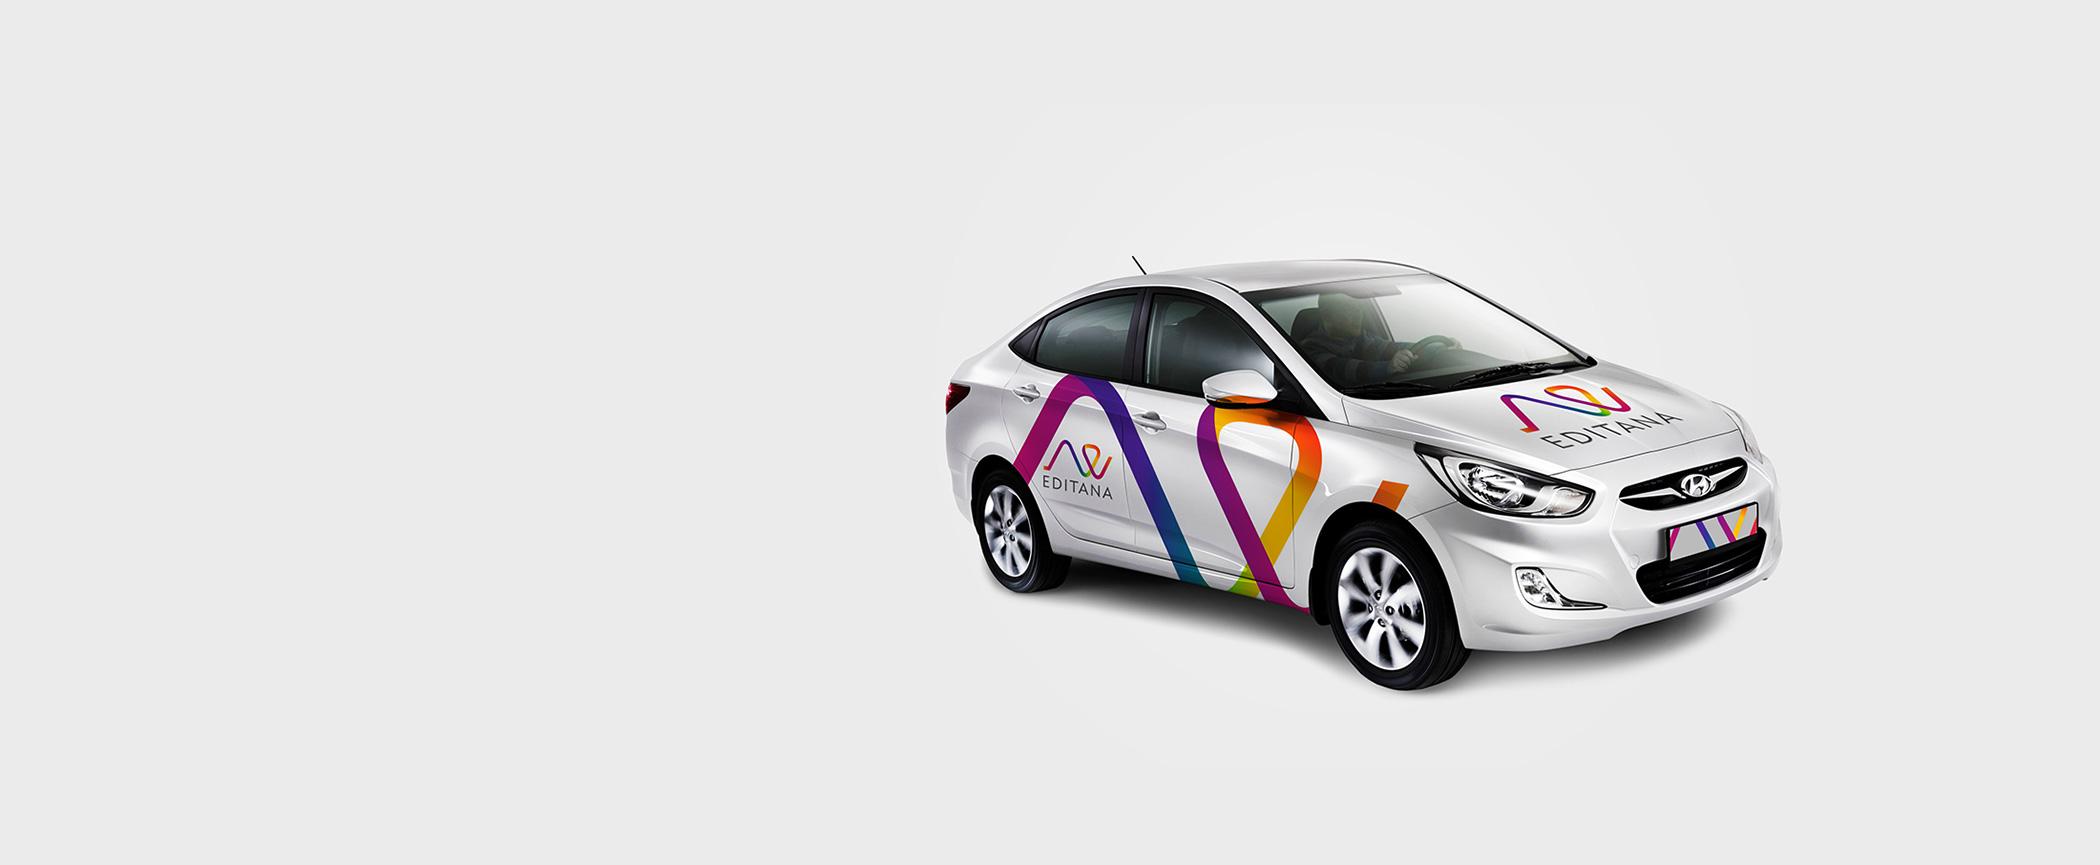 Editana Logo on Vehicle